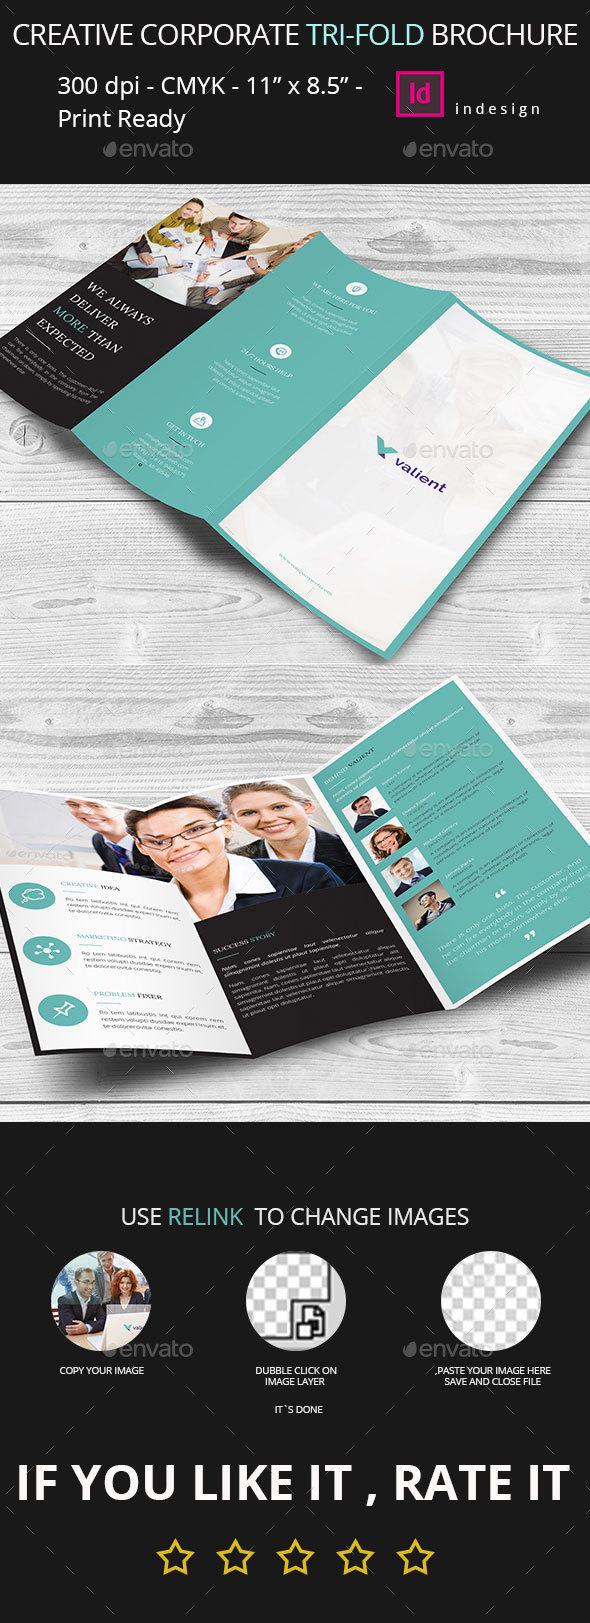 Creative Corporate Business Tri-Fold Brochure Indesign Template - Corporate Brochures